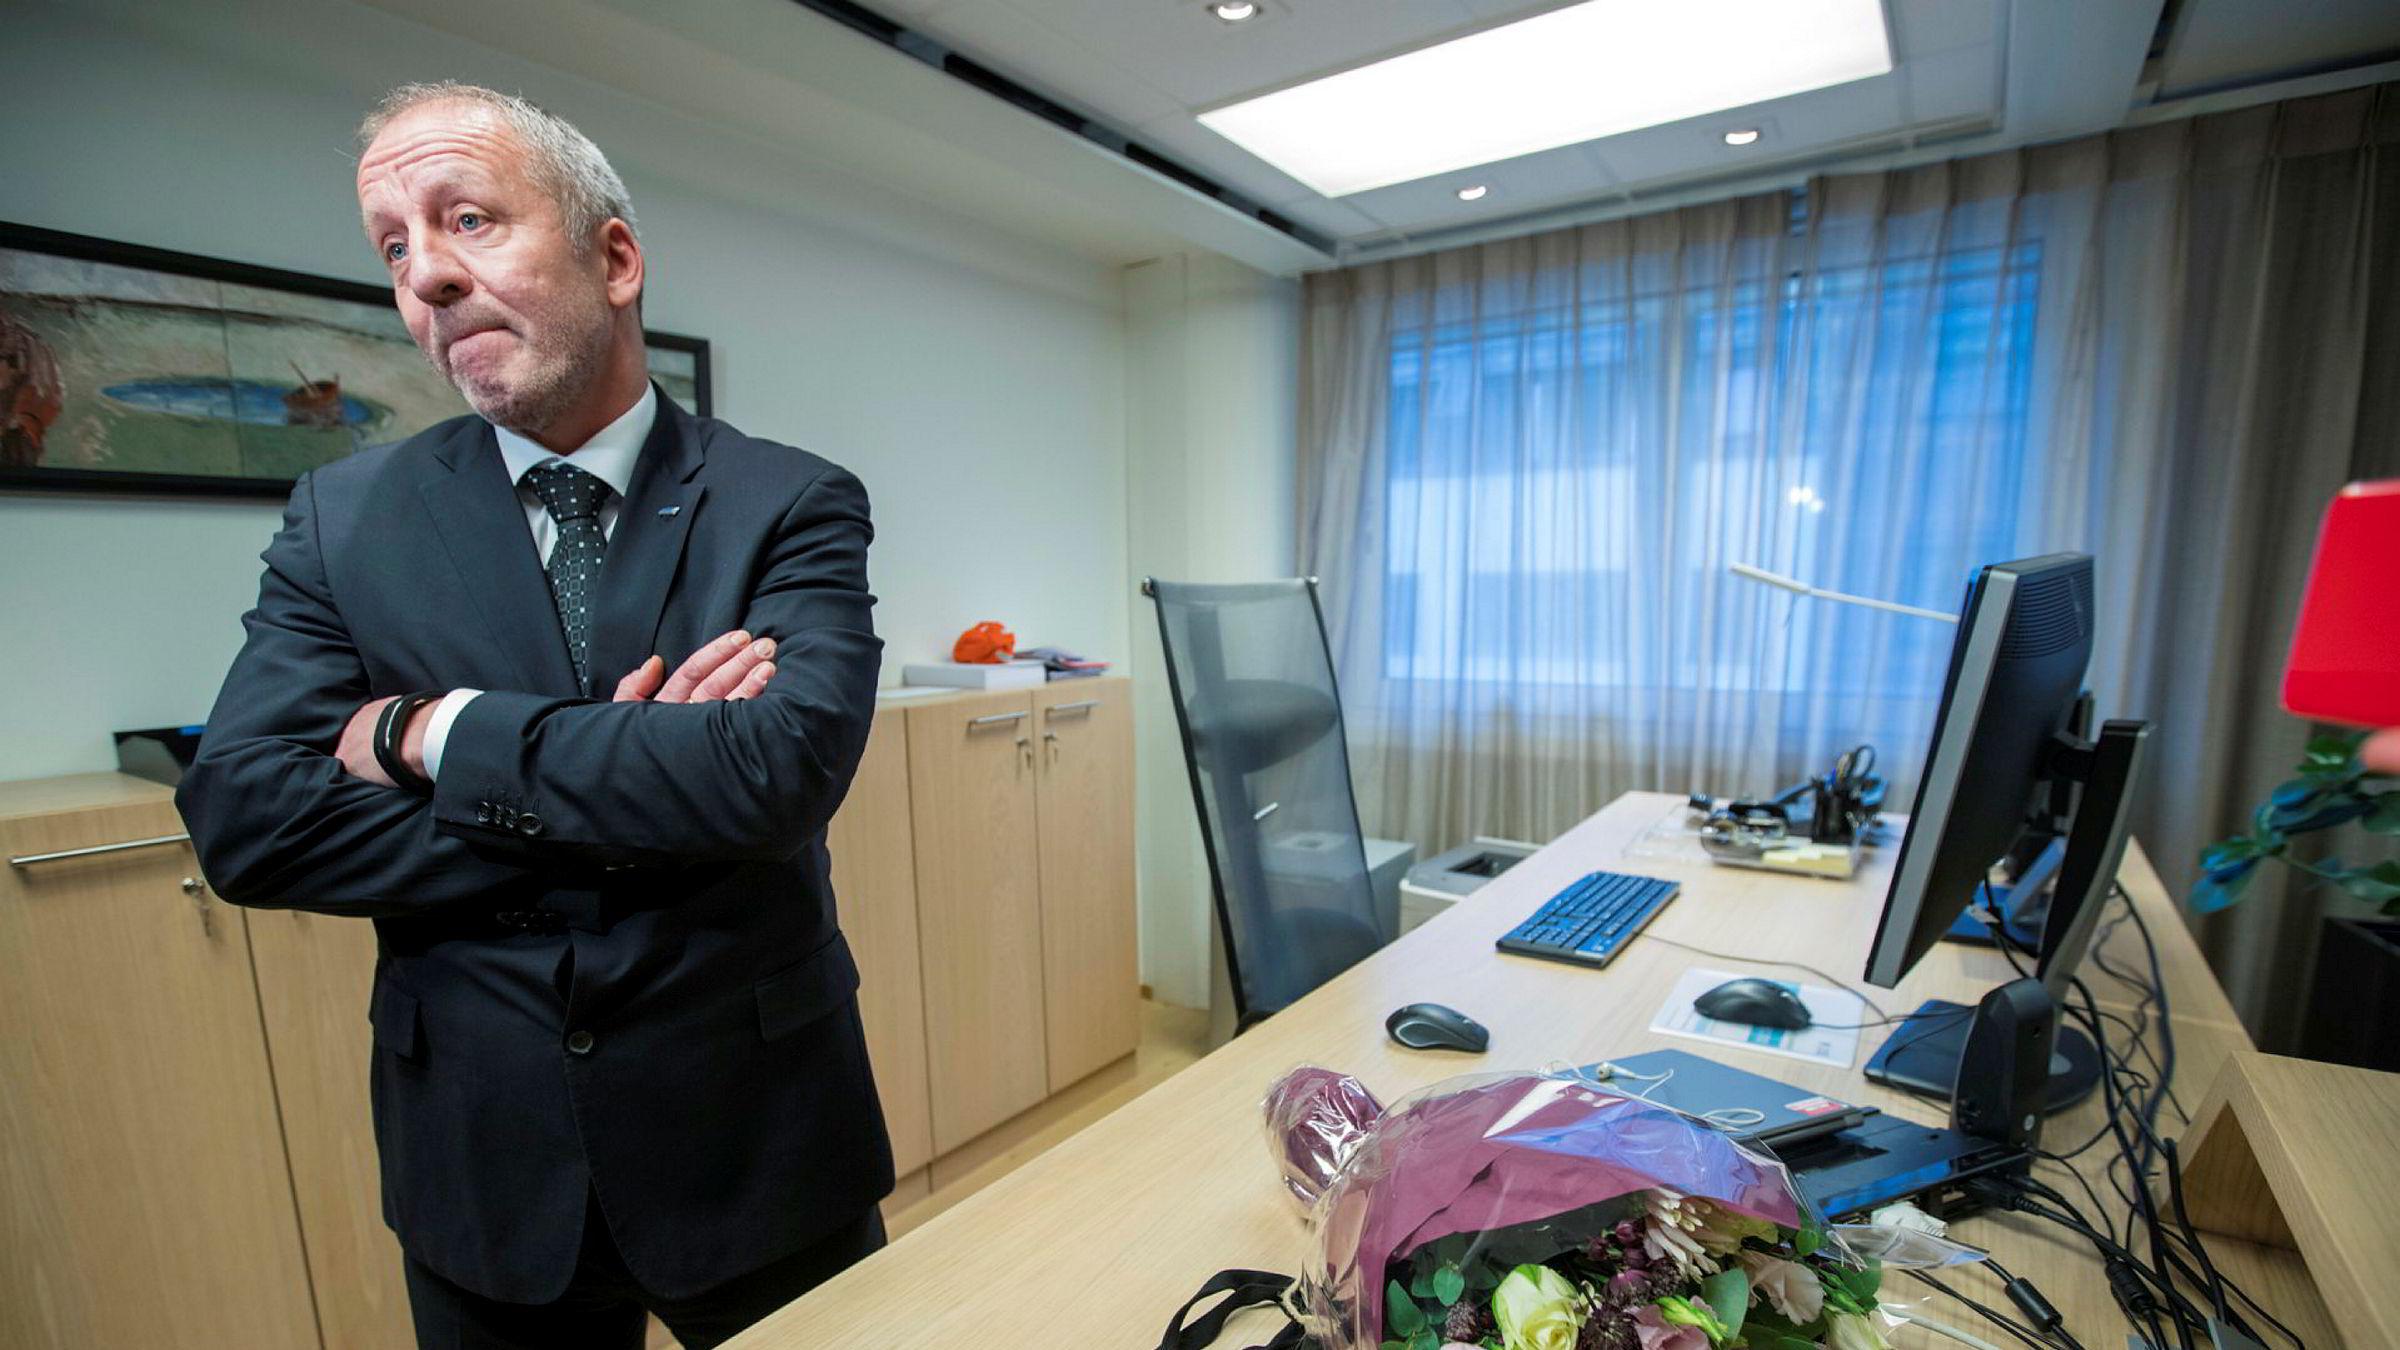 Fiskeriminister Geir Inge Sivertsen ringte rundt fredag kveld til ulike selskap han har verv i, for å fratre umiddelbart.